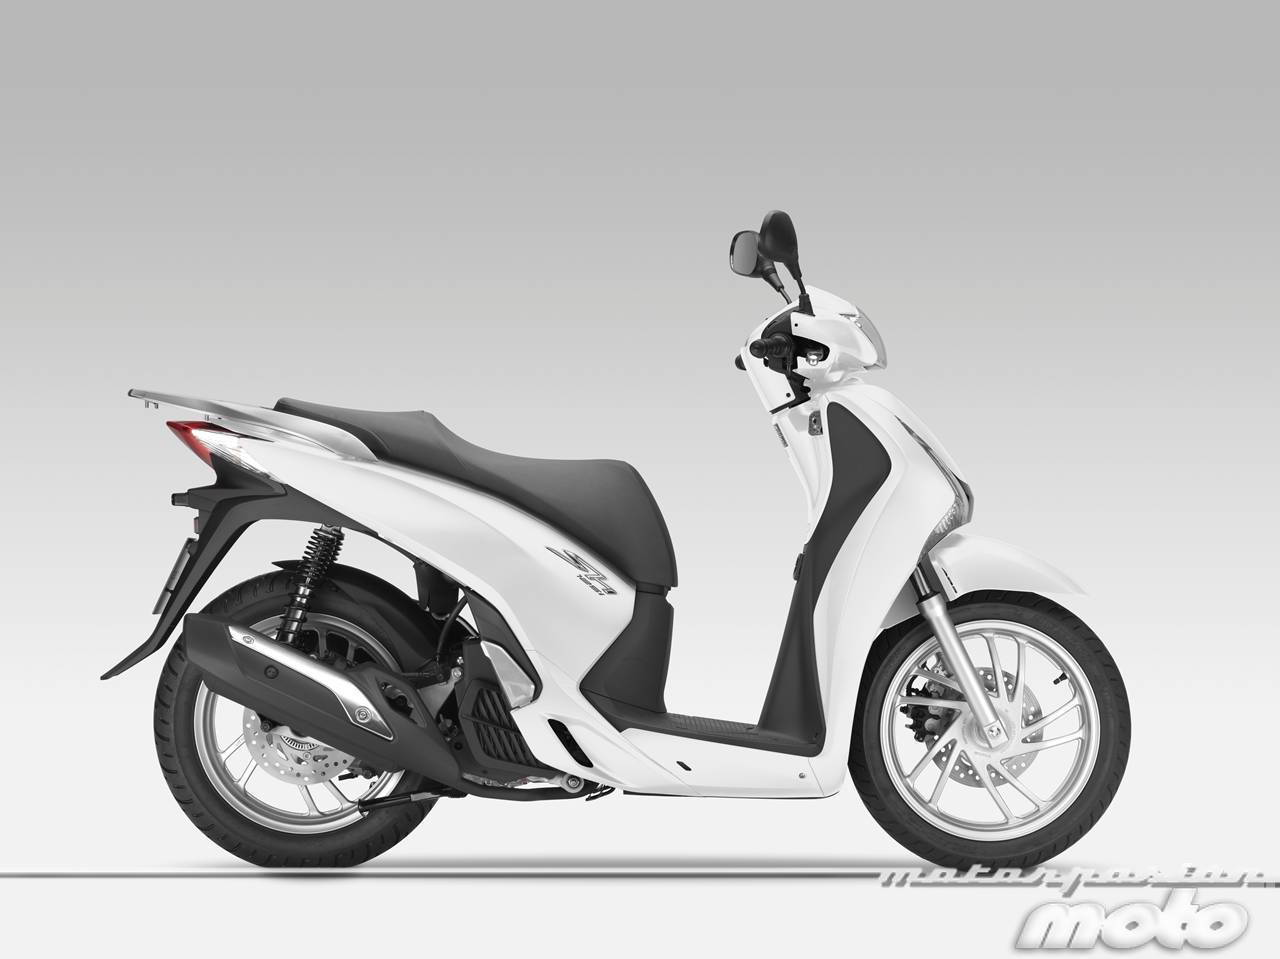 Foto de Honda Scoopy SH125i 2013, prueba (valoración, galería y ficha técnica)  - Fotos Detalles (44/81)